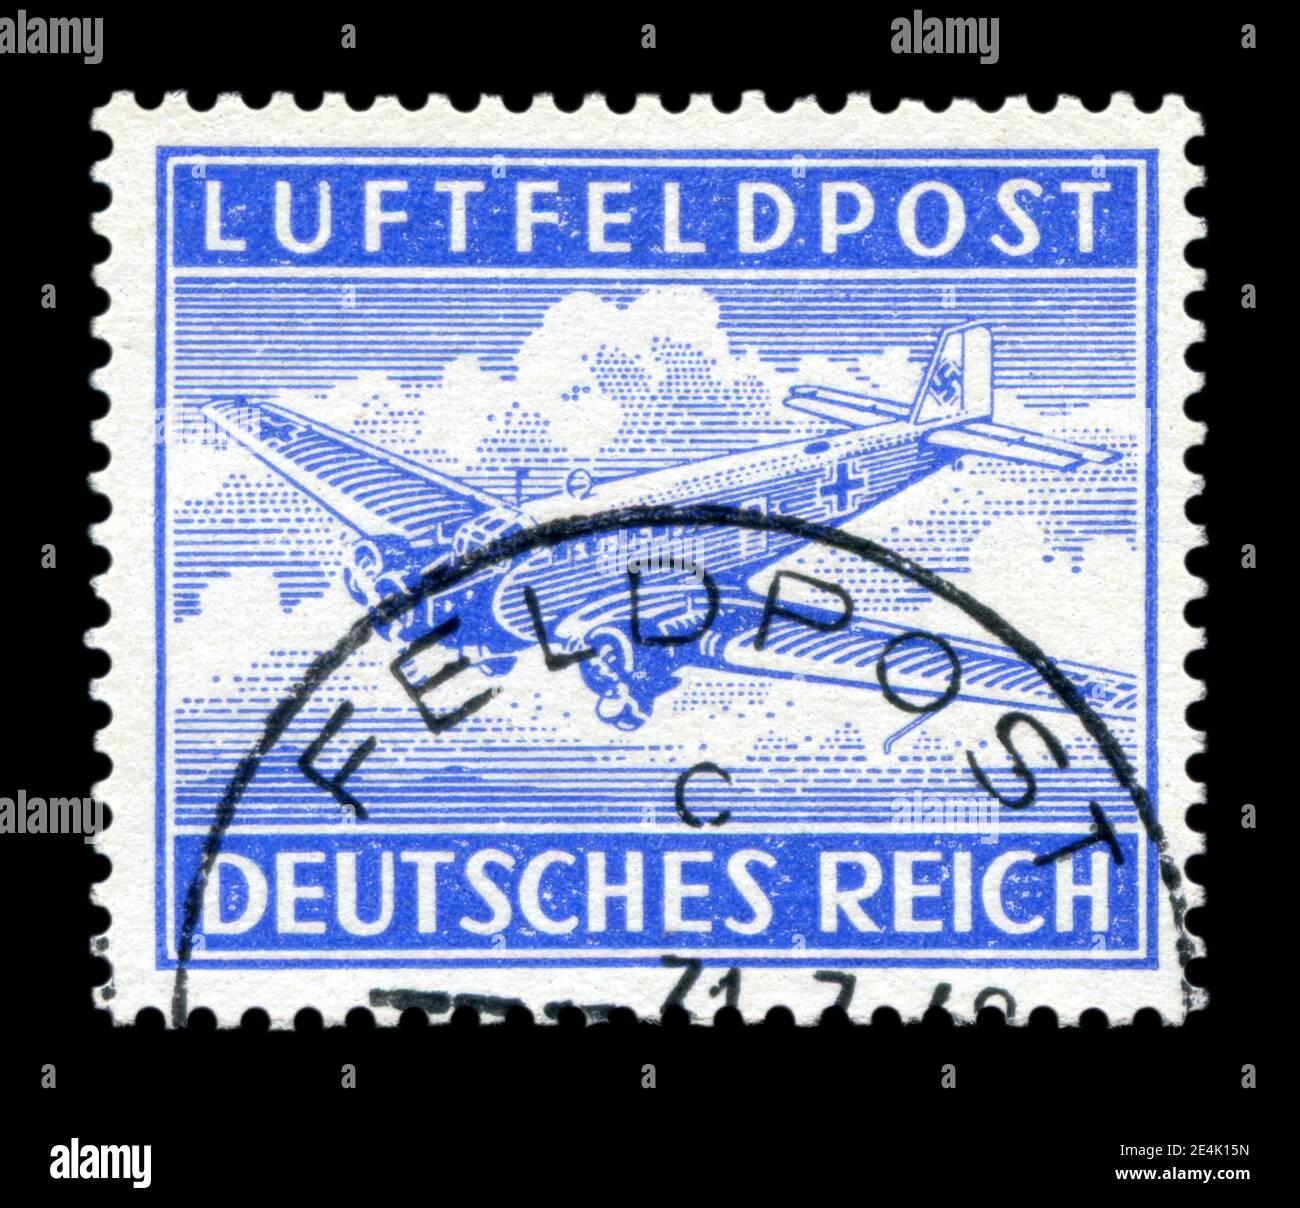 ALLEMAGNE - VERS 1942: Timbre-poste historique allemand: Avion de transport JU 52 avec swastika, poste de campagne, marque postale, guerre mondiale II, 1939-1945 Banque D'Images